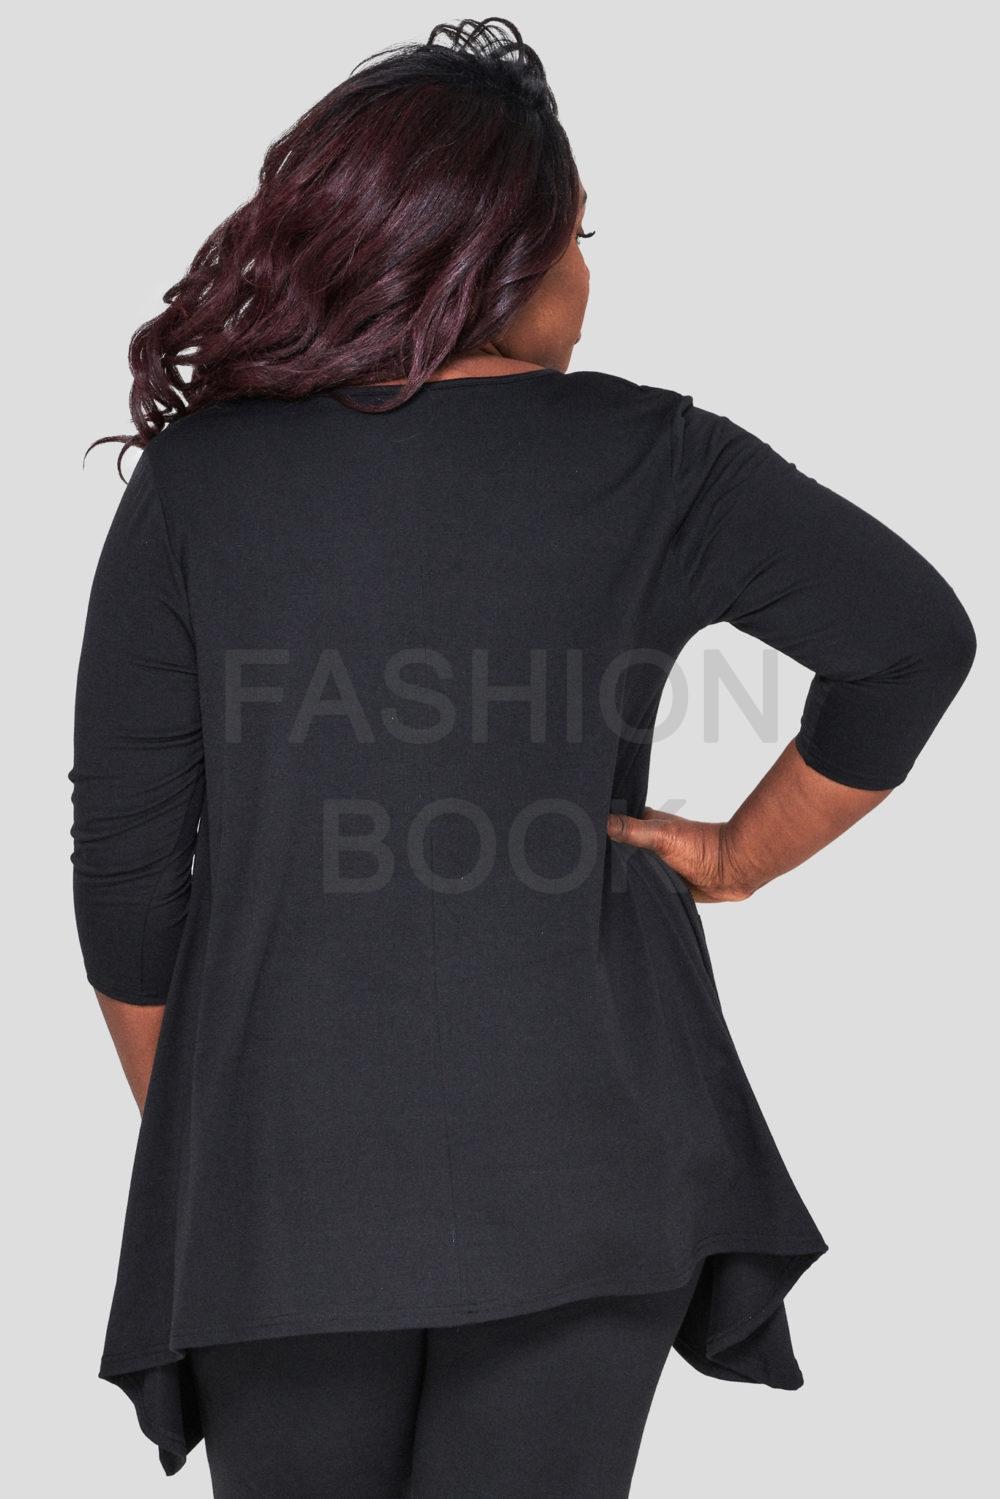 fashionbook wholesale plus size clothing lace trim top